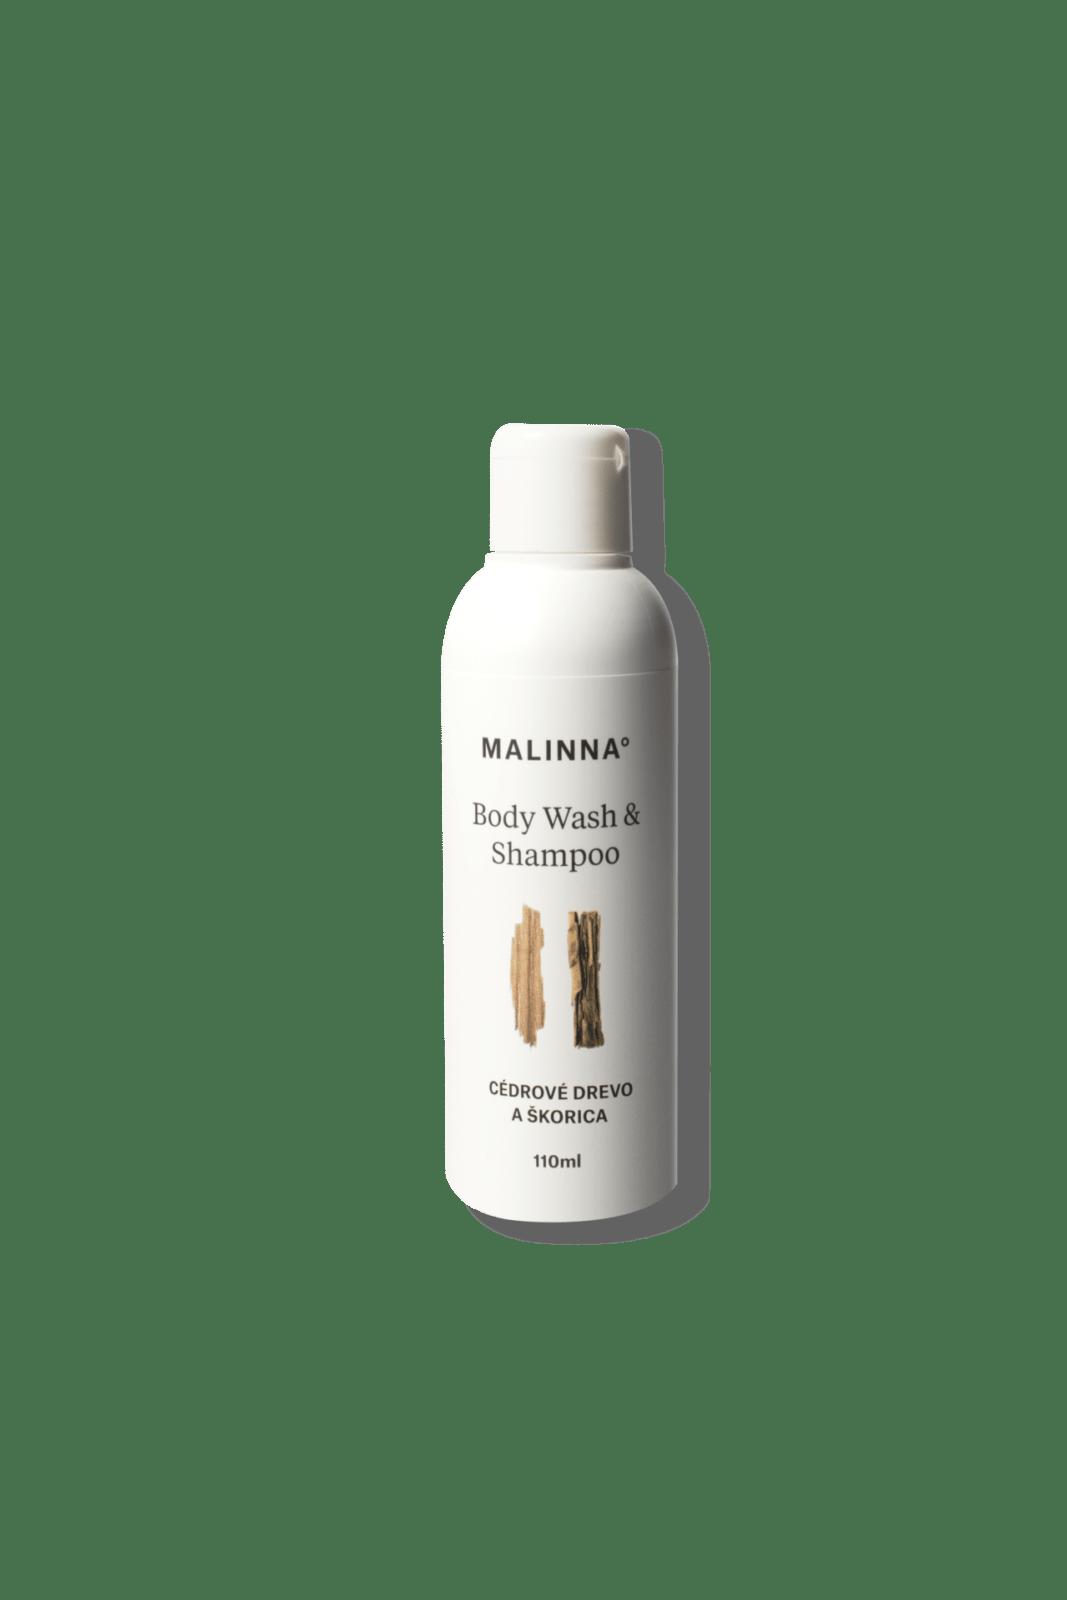 Body Wash&shampoo - Cedrové dvřevo a skořice